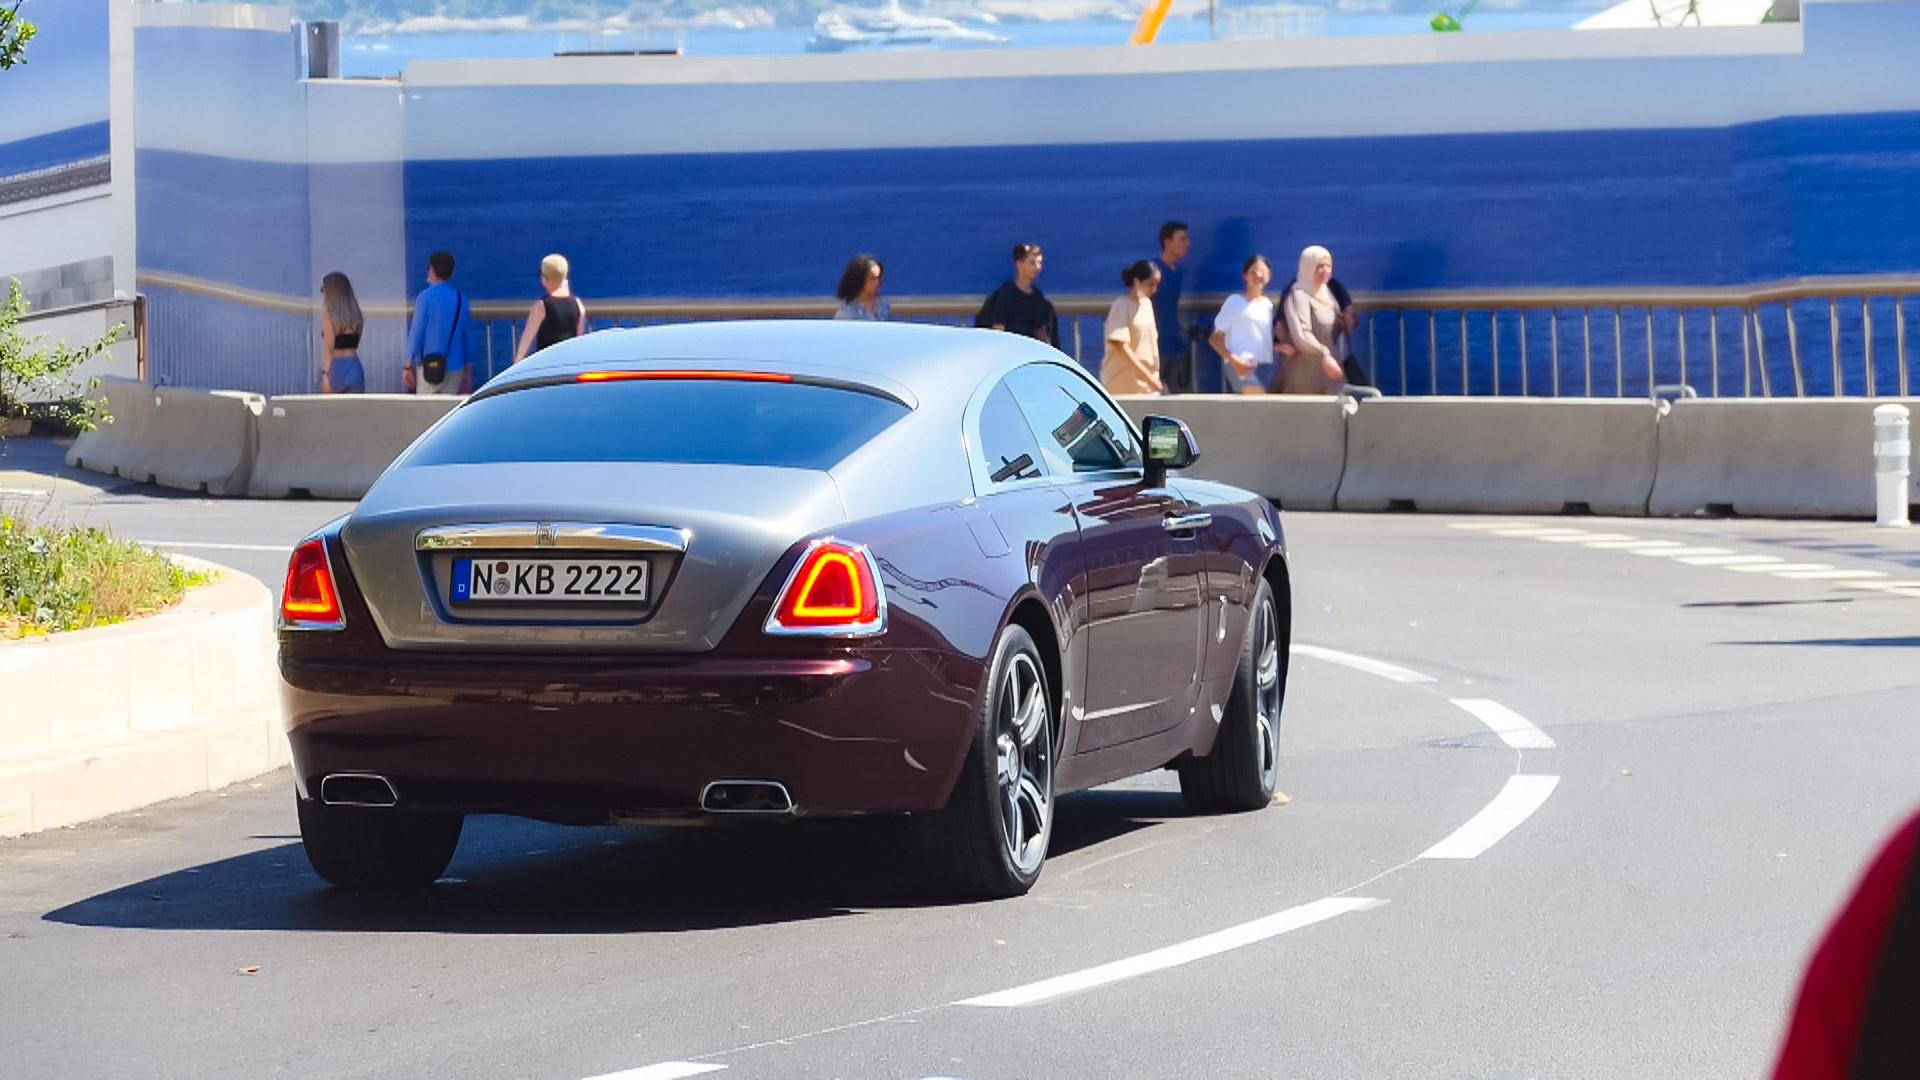 Rolls Royce Wraith - N-KB-2222